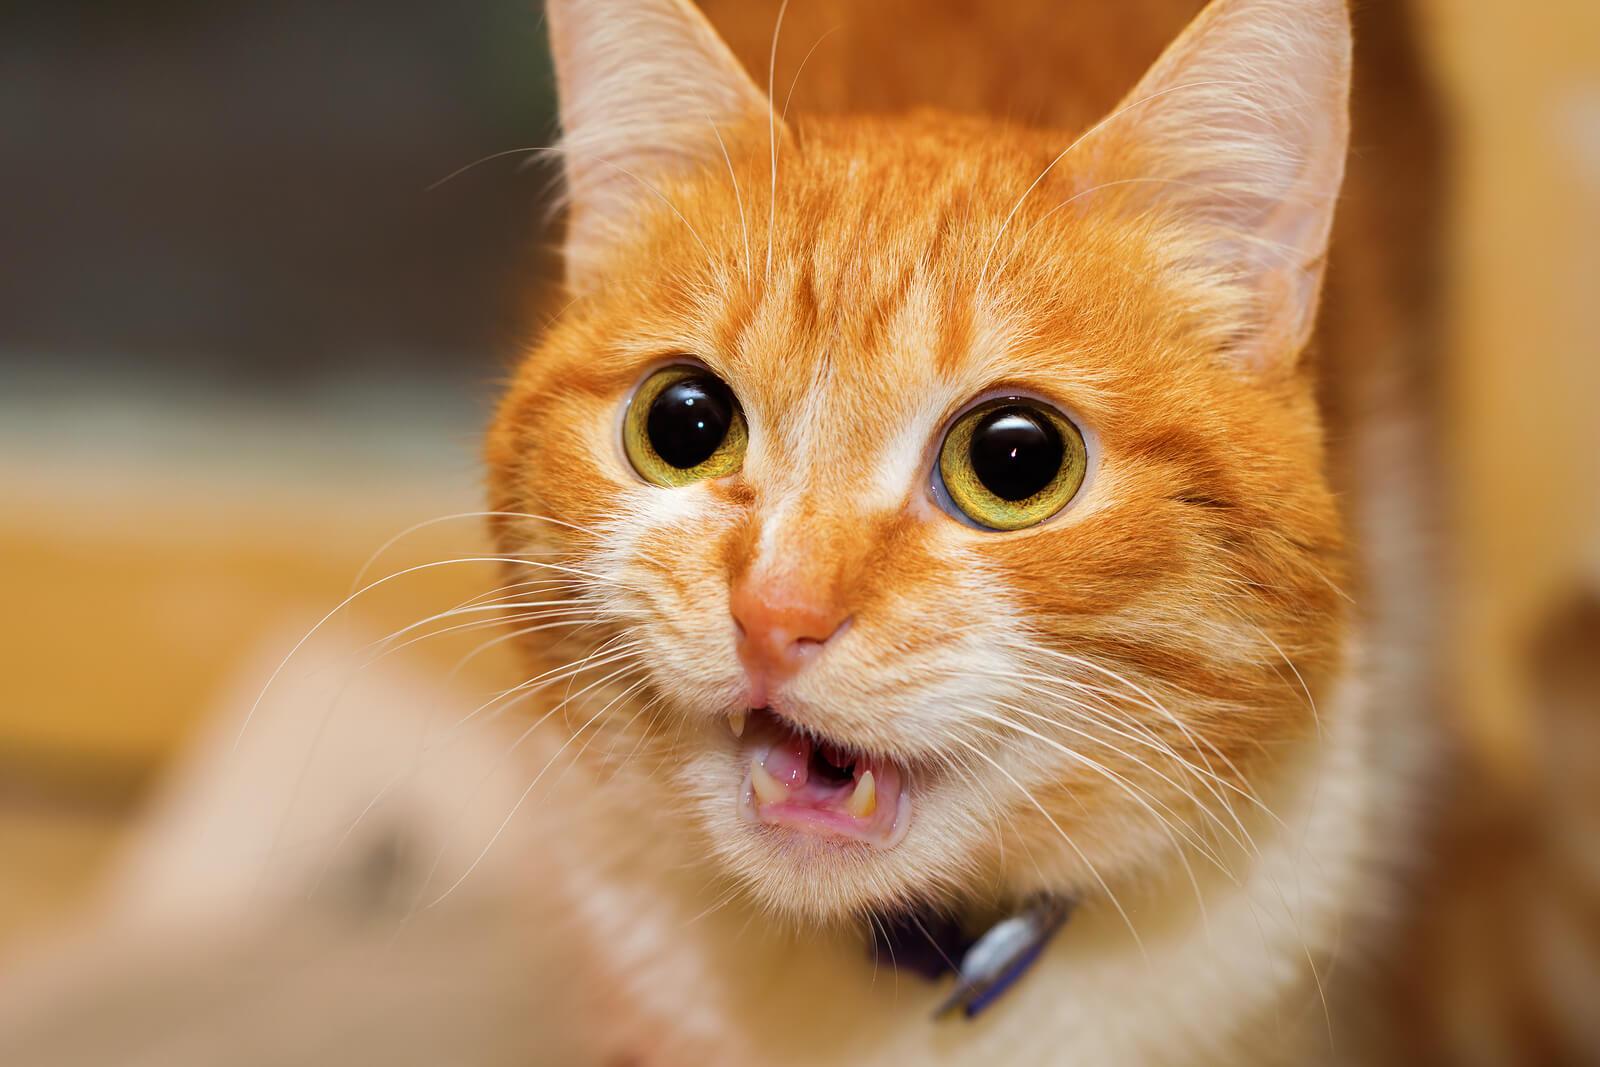 a cat talking